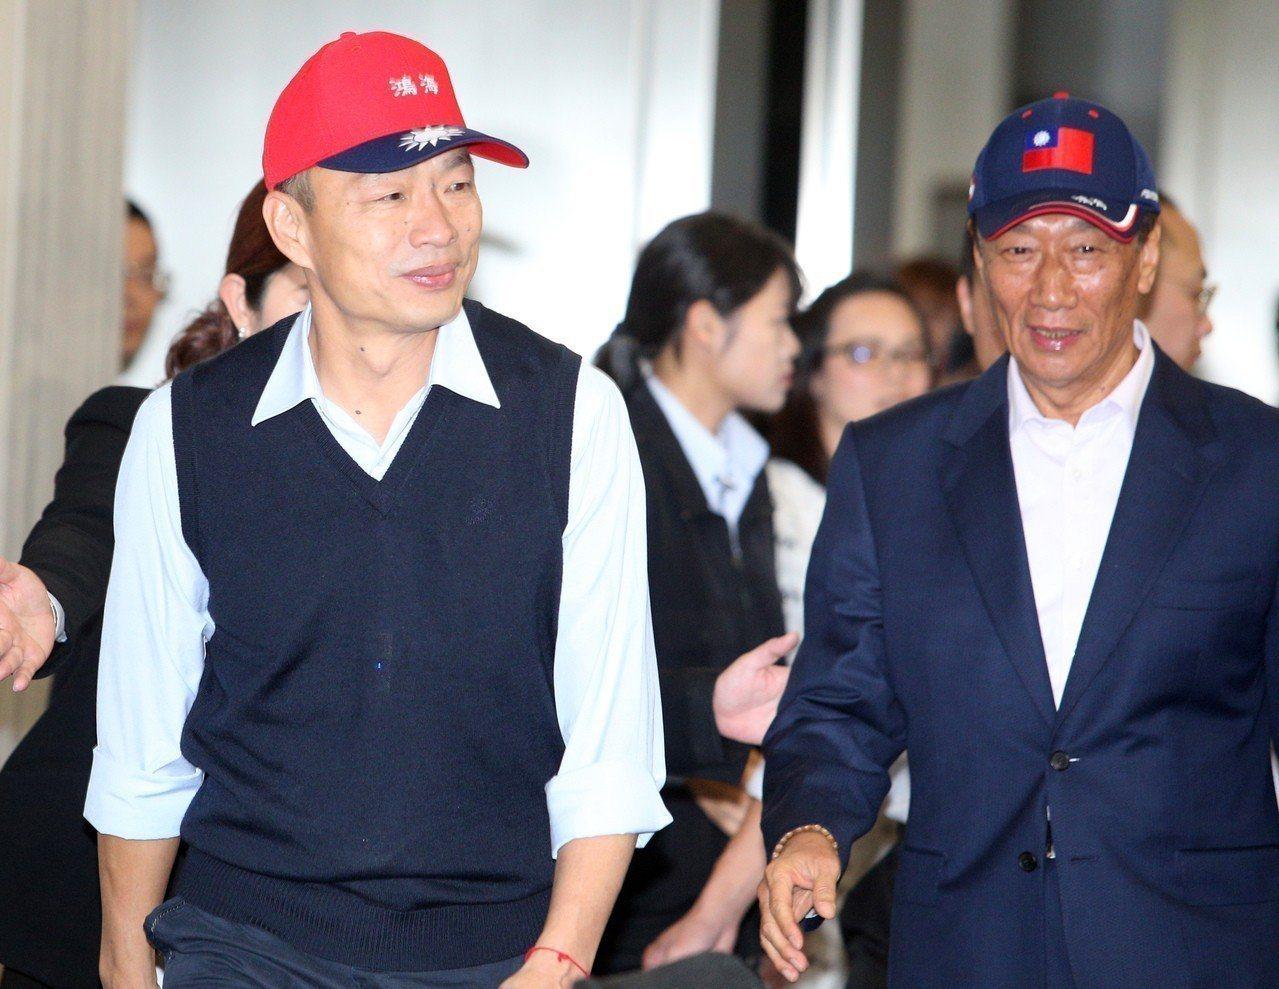 鴻海董事長郭台銘(右)日前和高雄市長韓國瑜(左)合體,郭強調未來會大力投資高雄。...